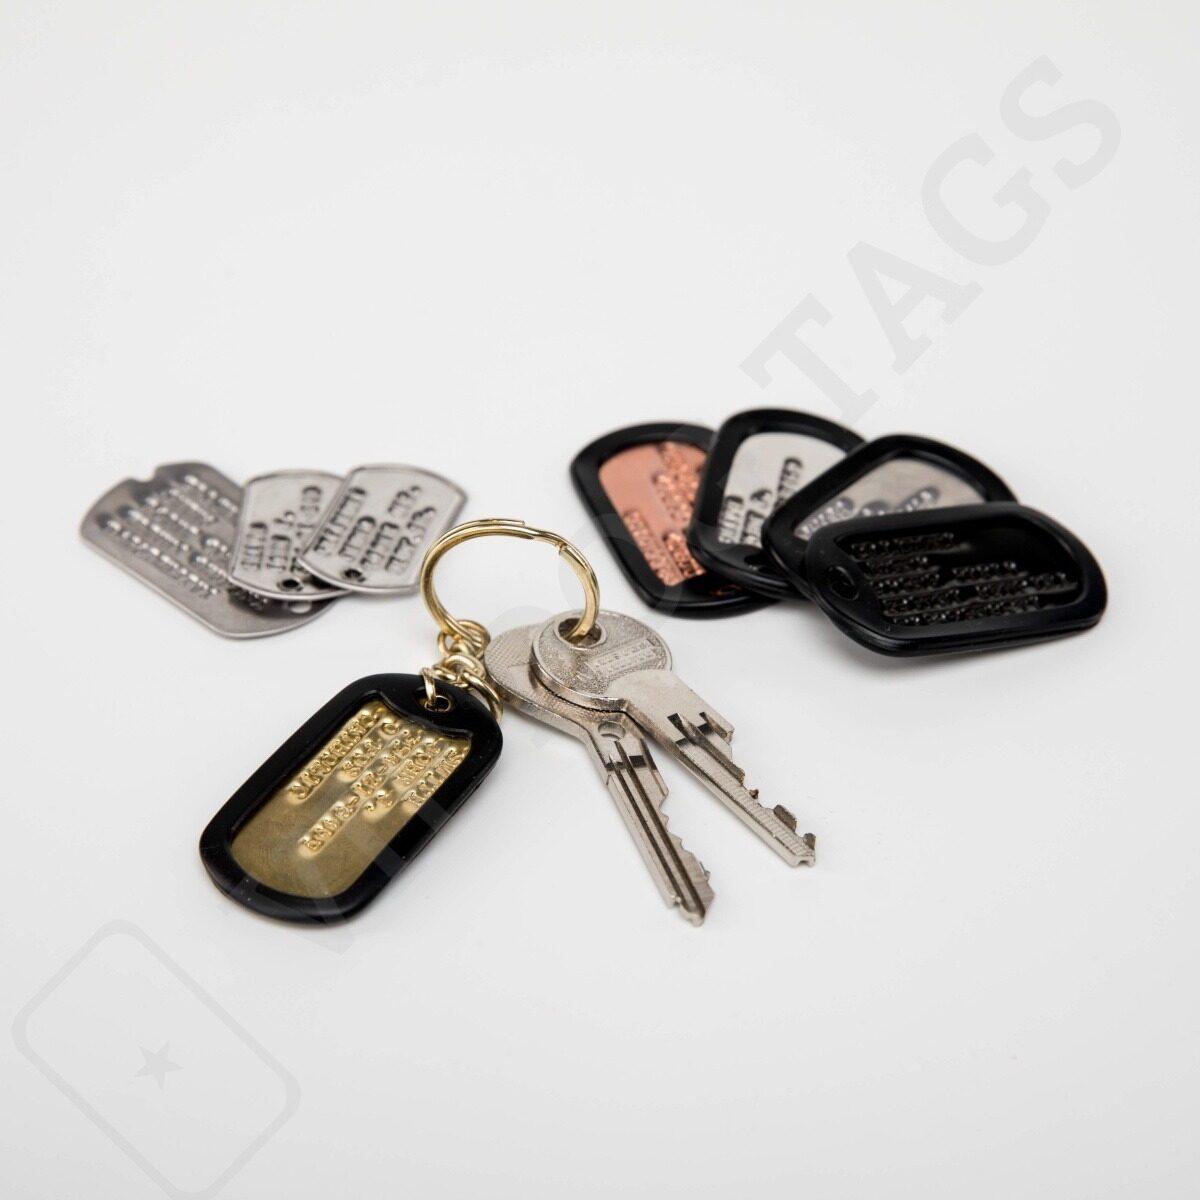 Identifikační psí známka s vlastním textem na klíče, Original US Dog Tags for keys - 10985